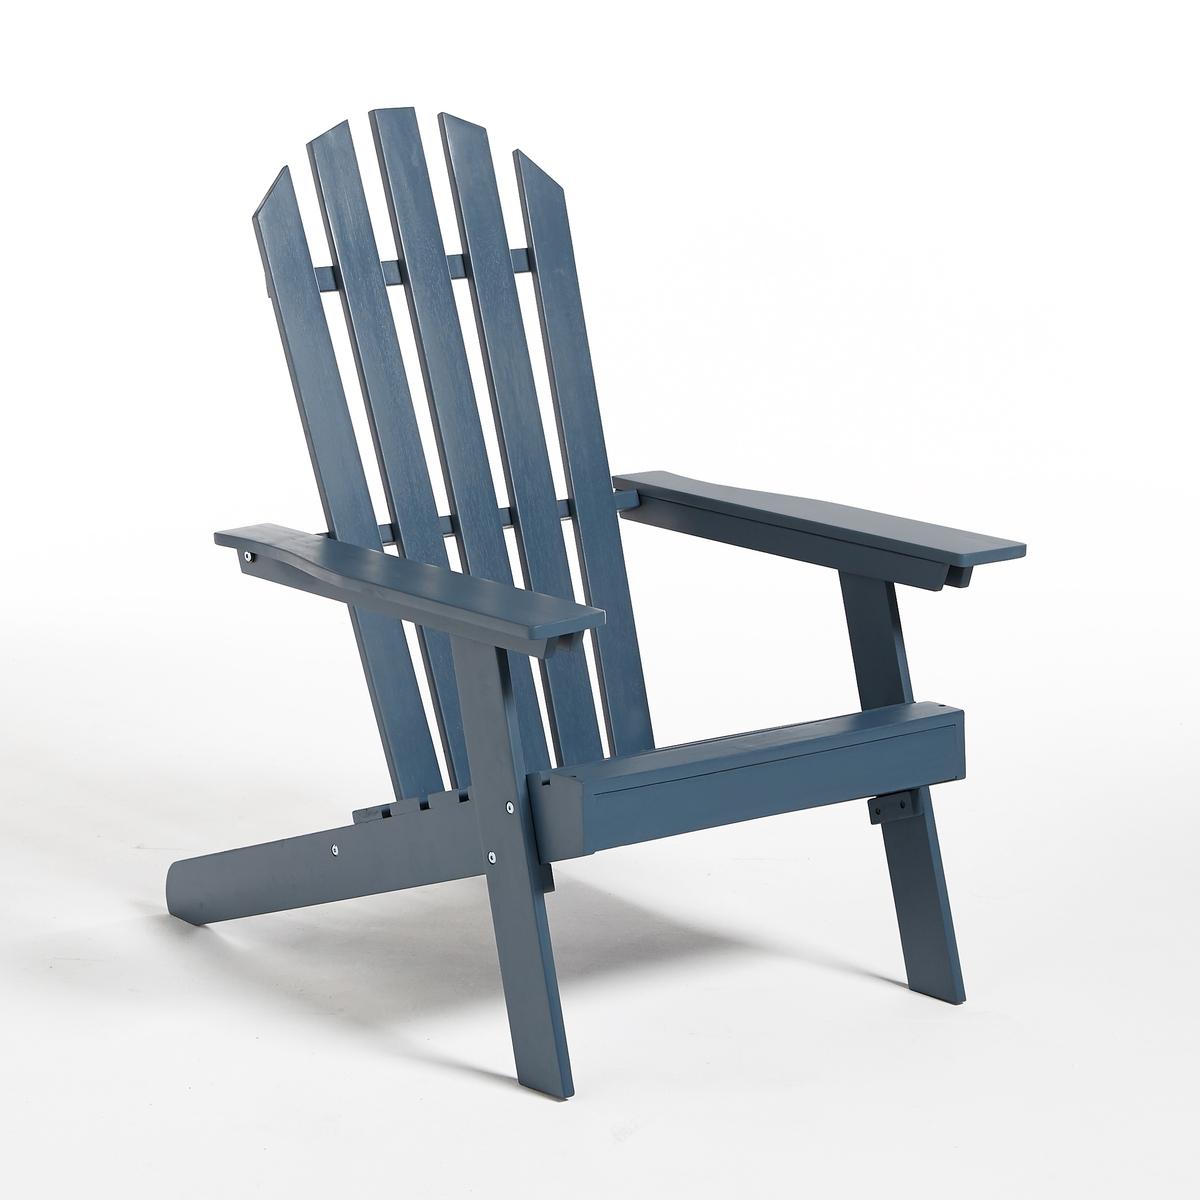 Стильное садовое кресло Adirondack, 3 положения, гамма  ZedaСадовое кресло Zeda в стиле Адирондак. Сделанное по образу легендарного американского кресла, удобного и функционального, это кресло соединяет в себе влияние природы и несравненный комфорт !Немного небрежный шарм начала XXвека   придает легкий налет старины как вашей террасе, так и всему интерьеру!Характеристики :- Из акации, выращенной в лесах устойчивого управления- С покрытием под тиковое дерево или цветнымКресло в стиле Адирондак доставляется в разобранном виде, инструкция по сборке в комплекте.Описание чехла для подушки Bayac Размеры садового кресла :3 положения Длина : 69 смШирина : 89/94,5Высота : 86,5/98 см Размеры сиденья :Длина  53x Ширина 45x высота 34Размеры упаковки :1 посылкаДлина 98 смШирина 55,5 см Высота 15 смВес 10,5 кг Качество :Акация обладает хорошими механическими свойствами (прочность, устойчивость к насекомым и грибам, устойчивость к непогоде и чередованию сухой и влажной погоды). Доставка:Садовое кресло поставляется готовым к сборке . Товар может быть доставлен прямо до квартиры при предварительной договоренности по телефону!Внимание! Убедитесь, что товар проходит по габаритам (дверные проемы, лестницы, лифты).<br><br>Цвет: синий<br>Размер: единый размер